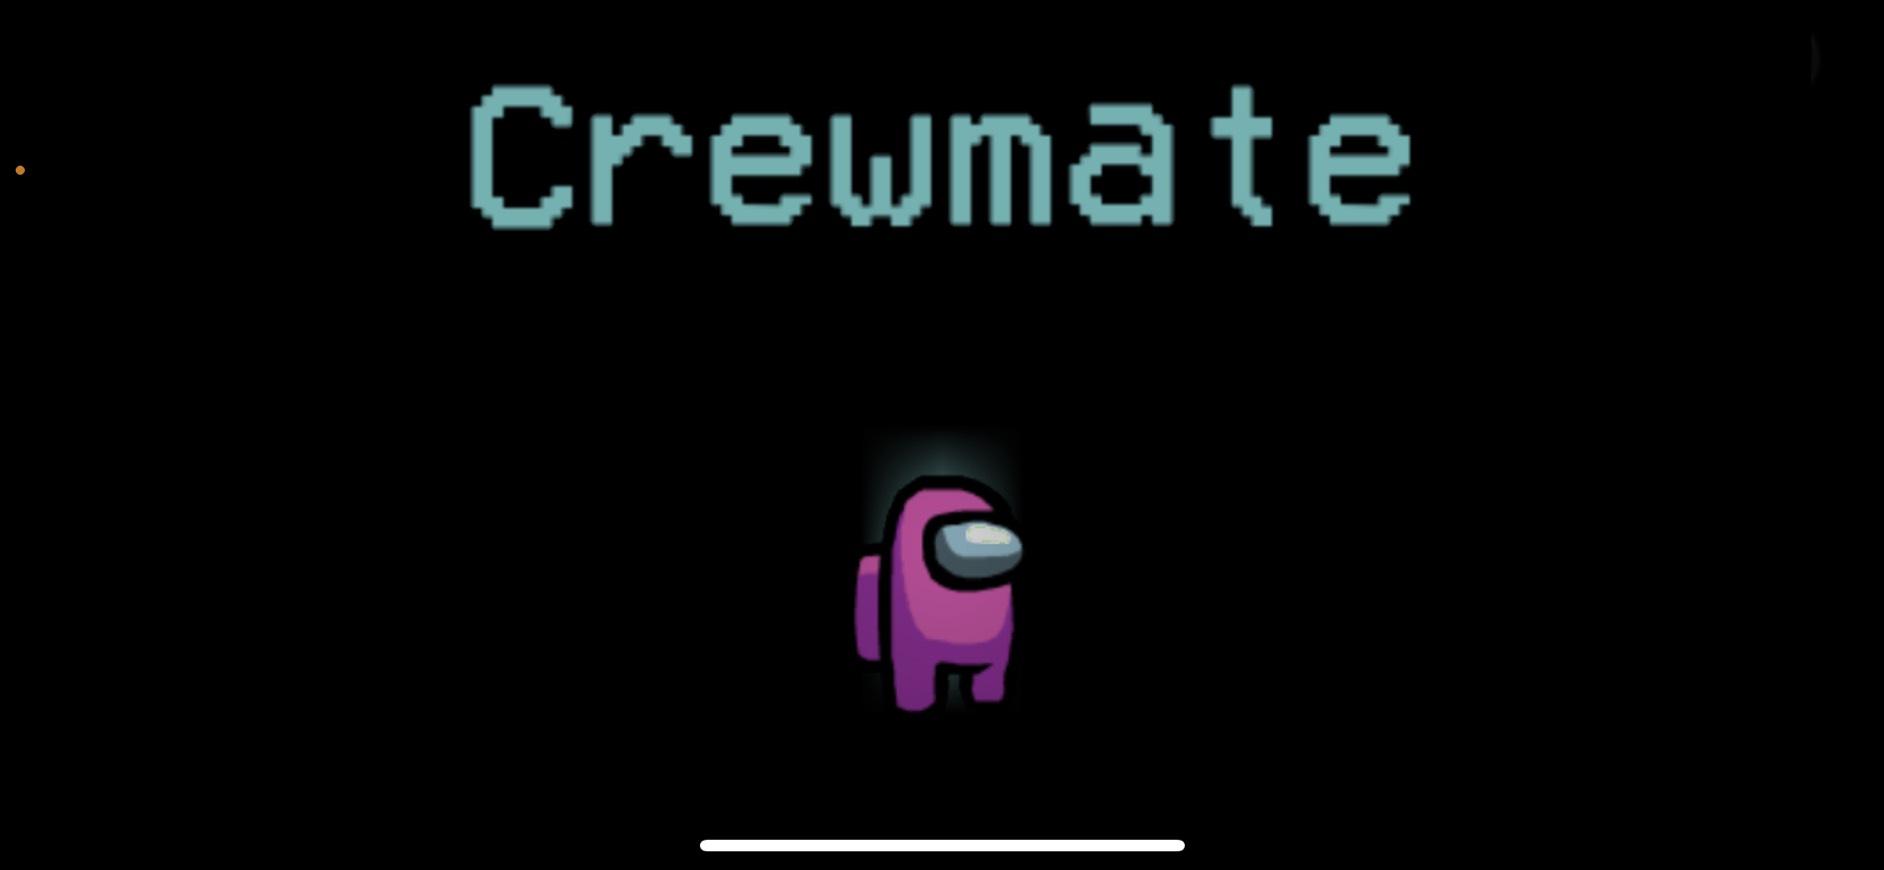 crewmate(市民)側のルール